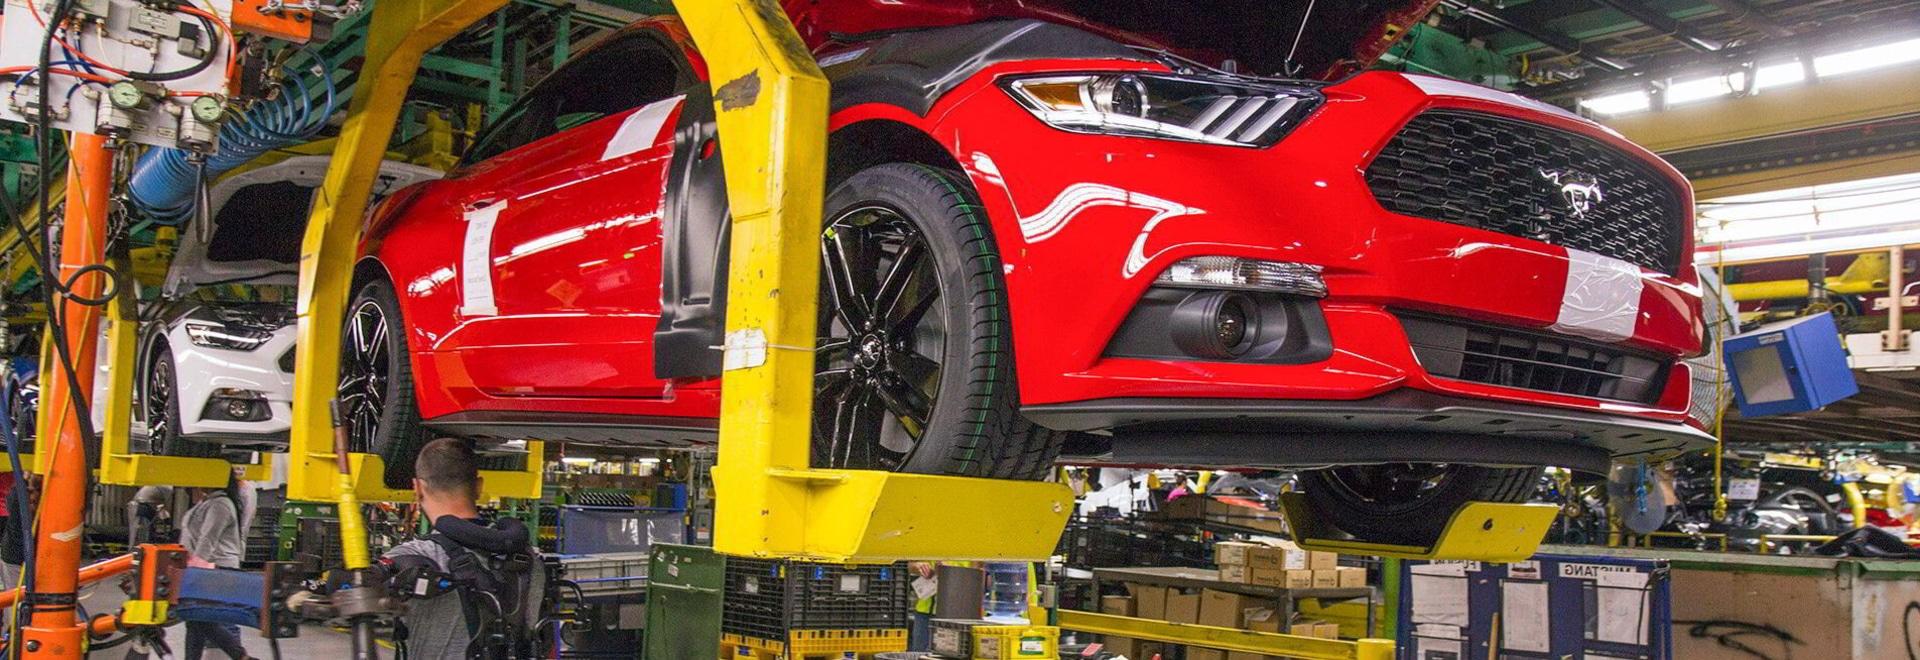 Wie das EksoVest die arbeitsintensive Automobilindustrie ändert